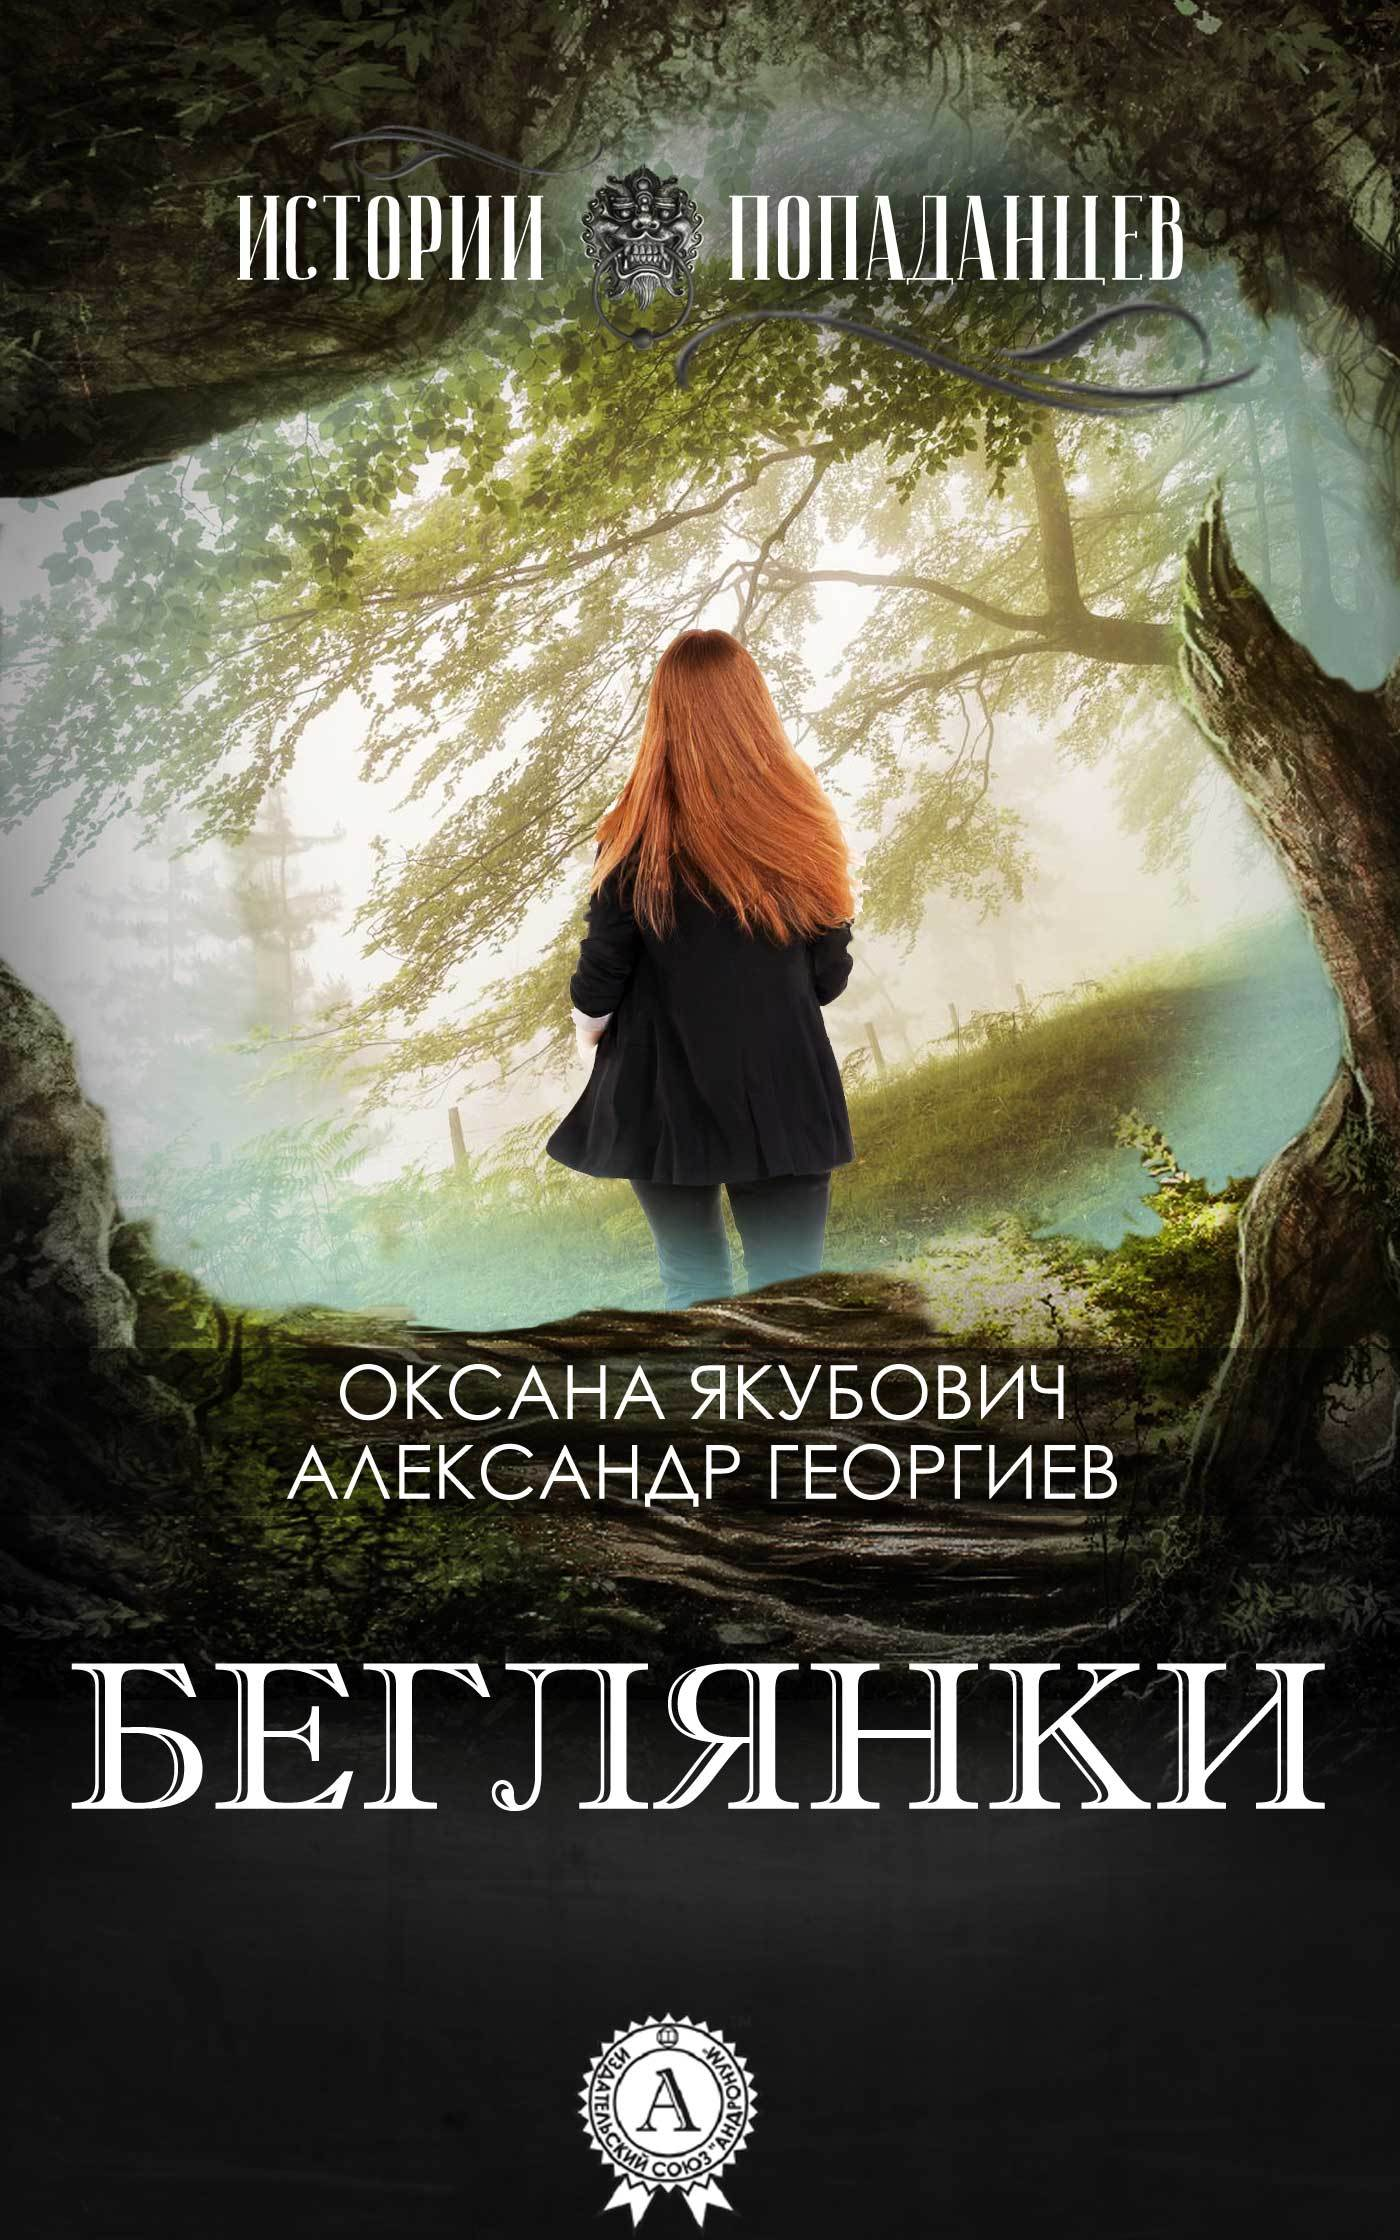 Оксана Якубович, Александр Георгиев - Беглянки